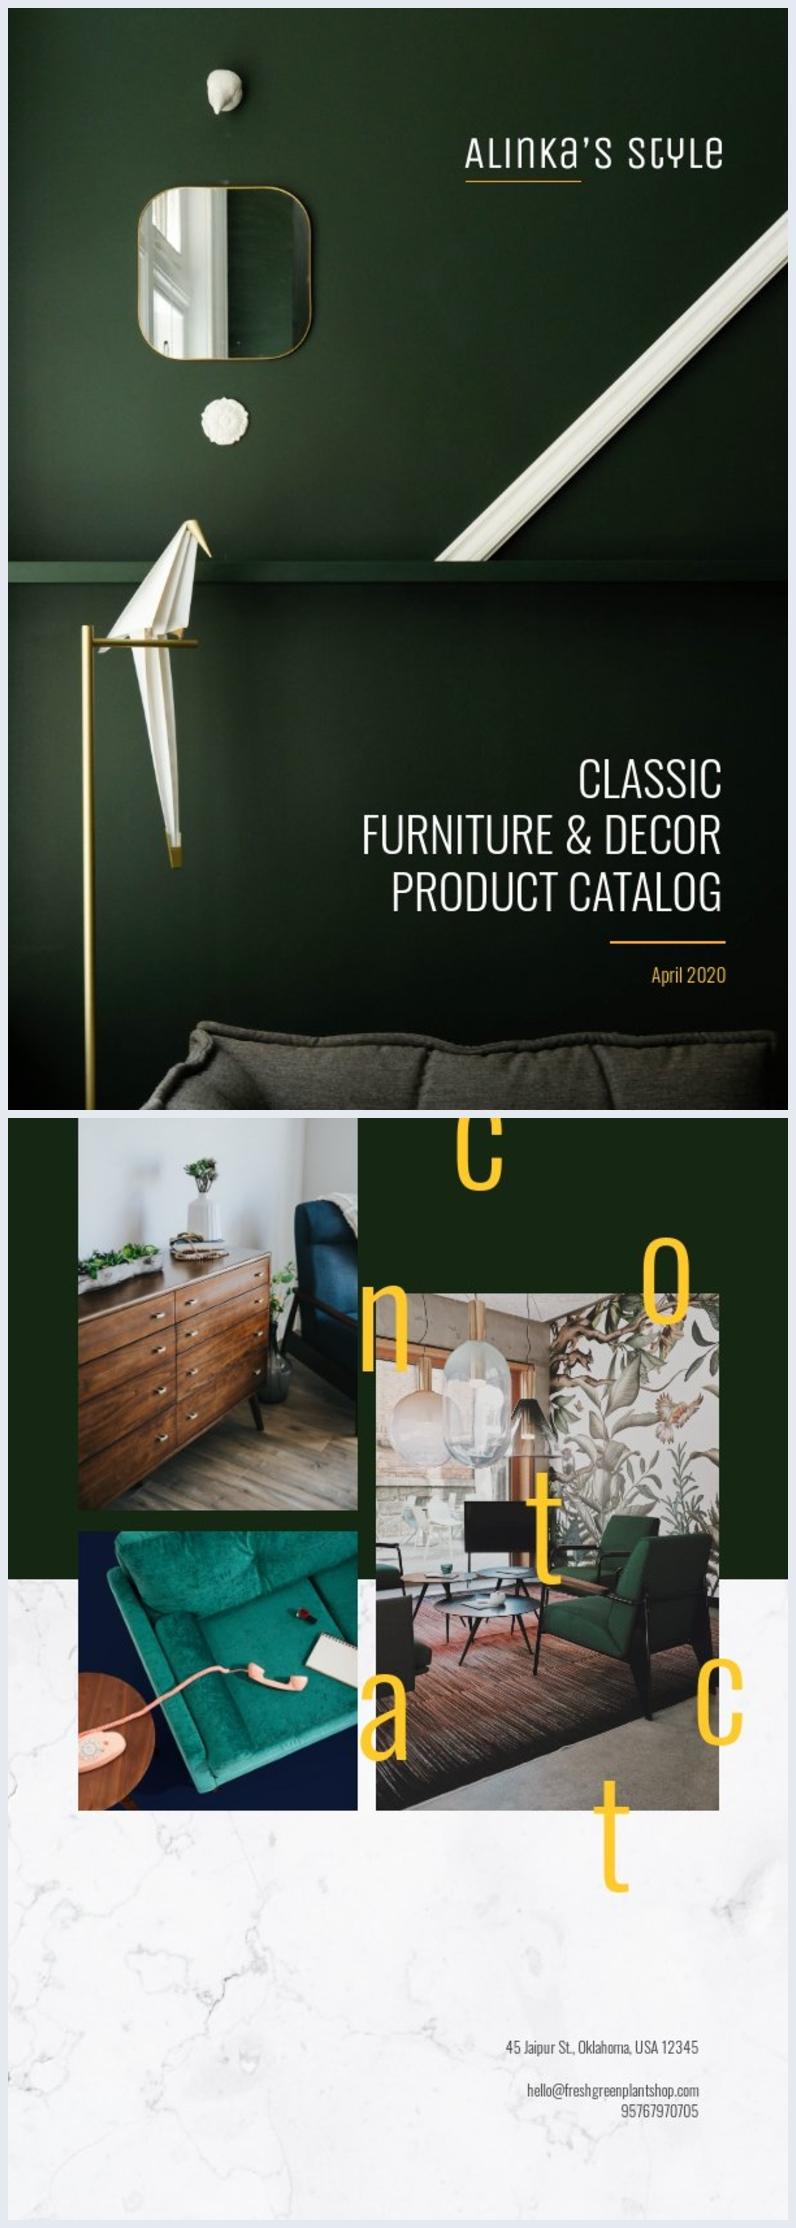 Grafica classica per copertina di catalogo prodotti